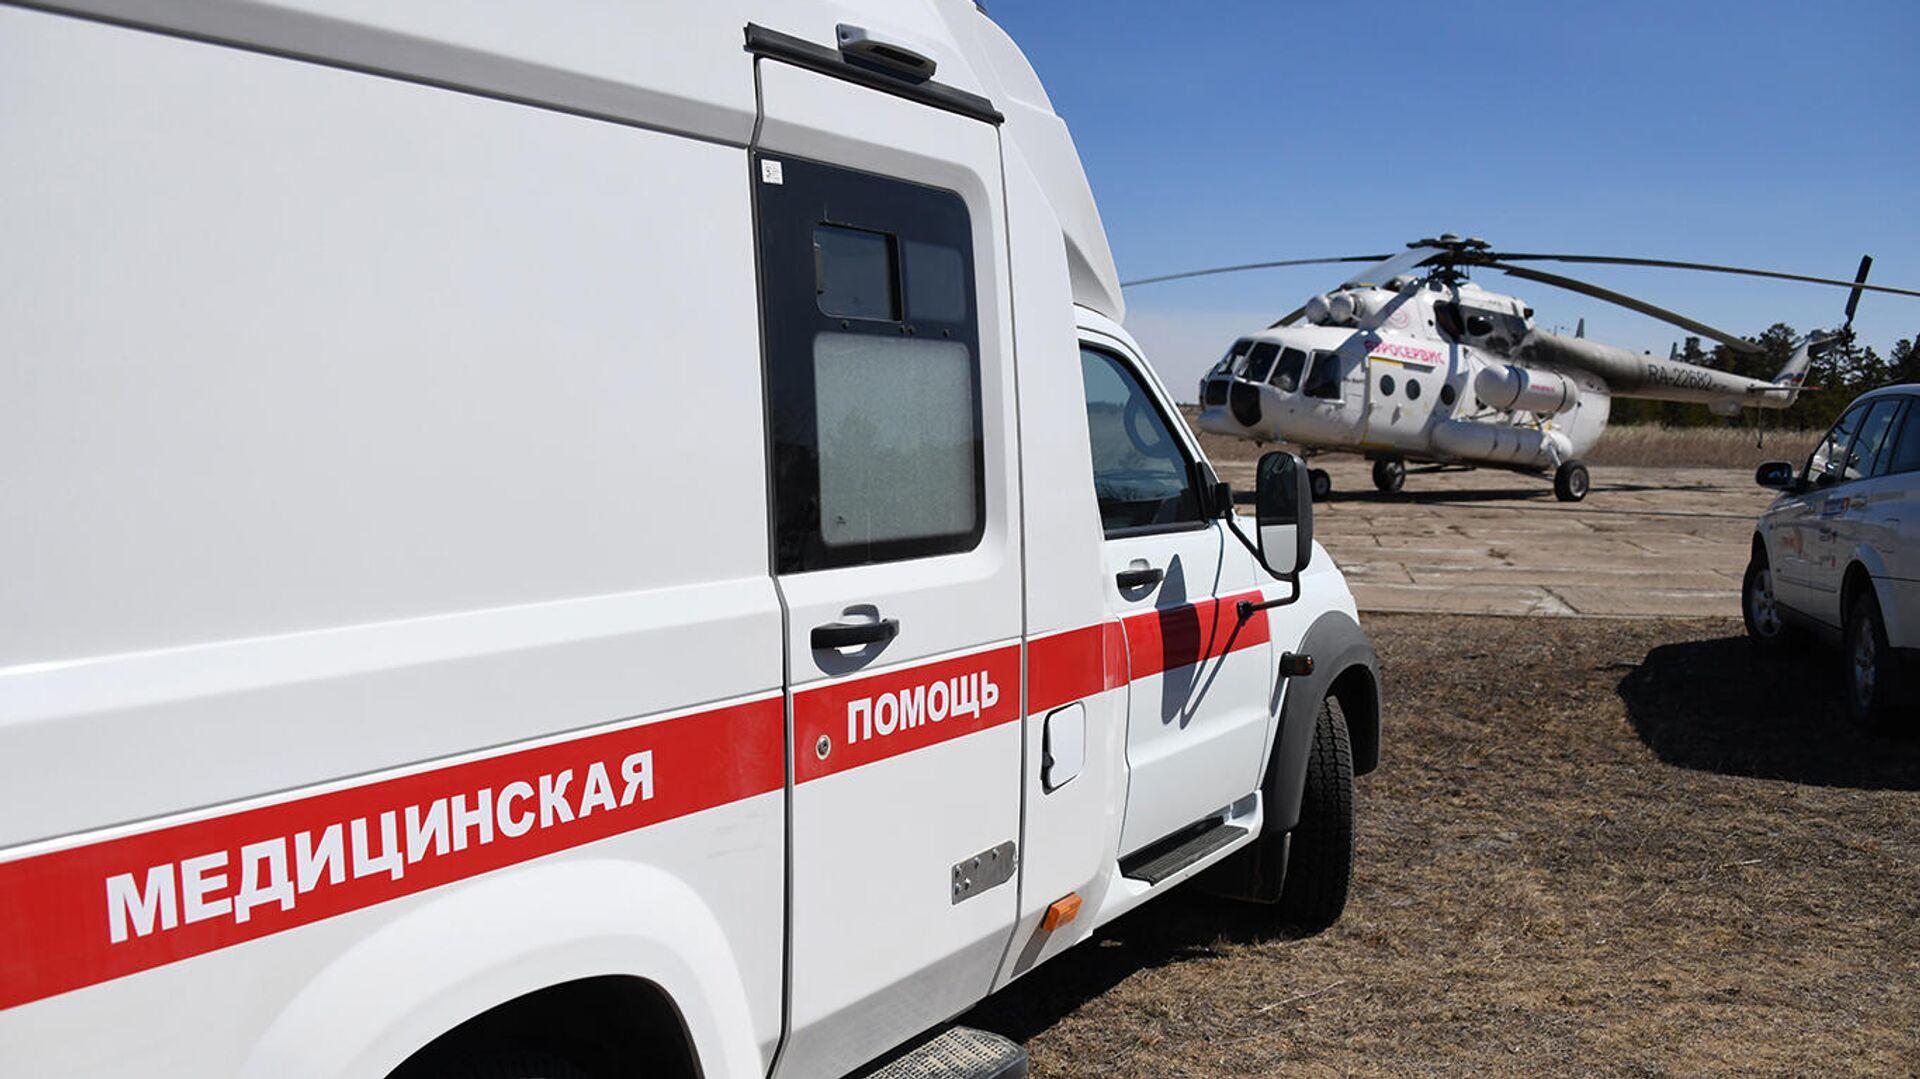 Машина скорой помощи и вертолет санитарной авиации - РИА Новости, 1920, 17.01.2021